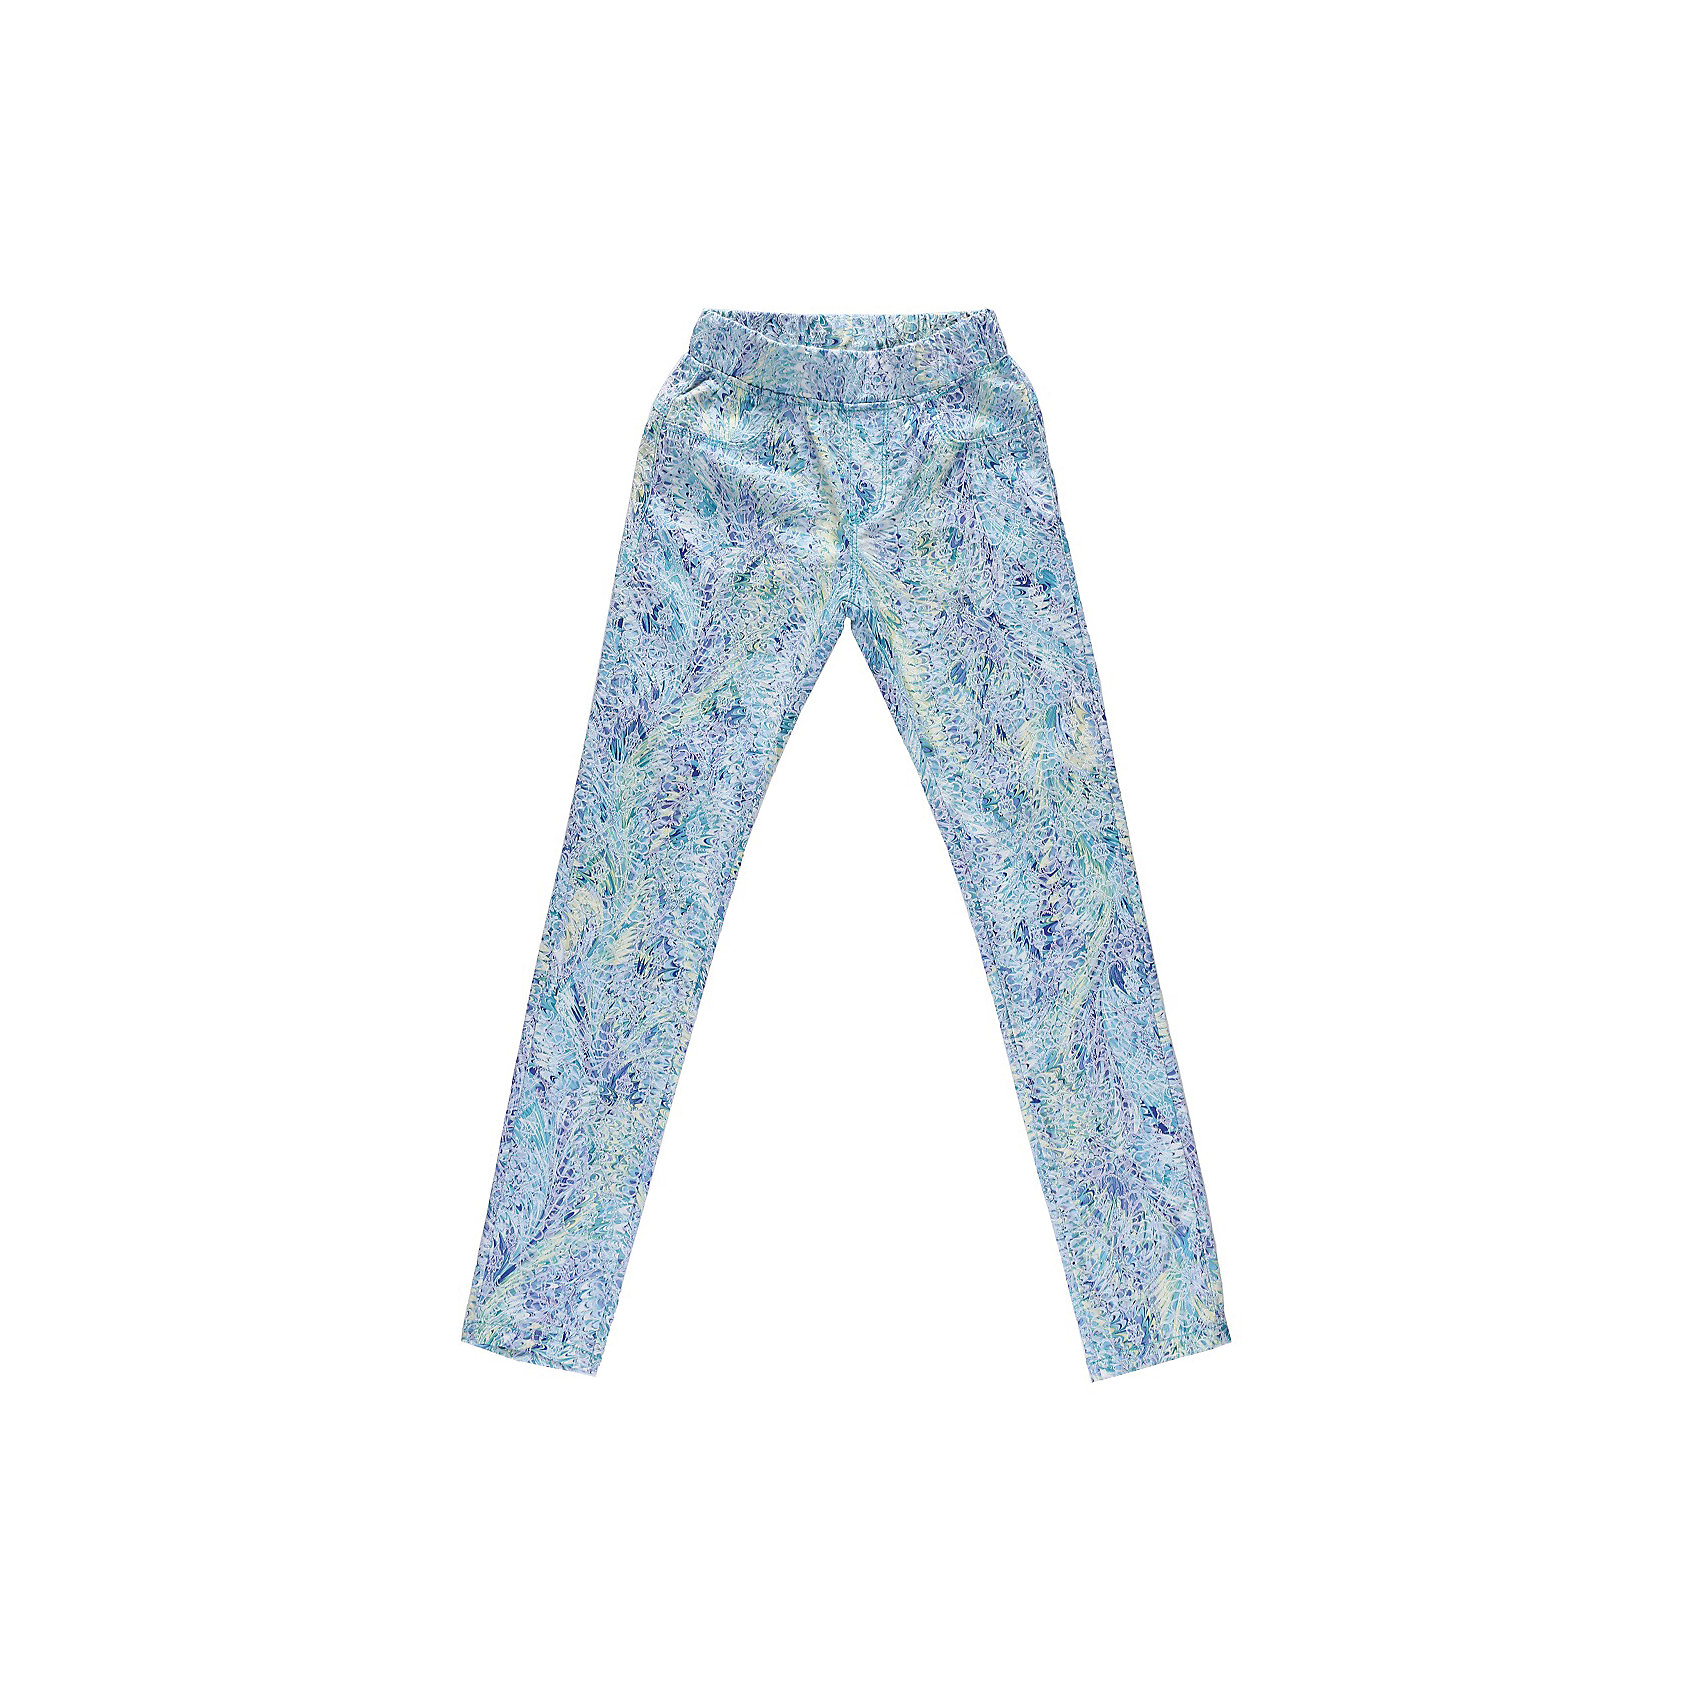 Брюки для девочки LuminosoБрюки<br>Текстильные брюки с жаккардовым принтом.<br>Состав:<br>98% хлопок, 2% эластан<br><br>Ширина мм: 215<br>Глубина мм: 88<br>Высота мм: 191<br>Вес г: 336<br>Цвет: разноцветный<br>Возраст от месяцев: 144<br>Возраст до месяцев: 156<br>Пол: Женский<br>Возраст: Детский<br>Размер: 158,152,140,164,146,134<br>SKU: 4521702